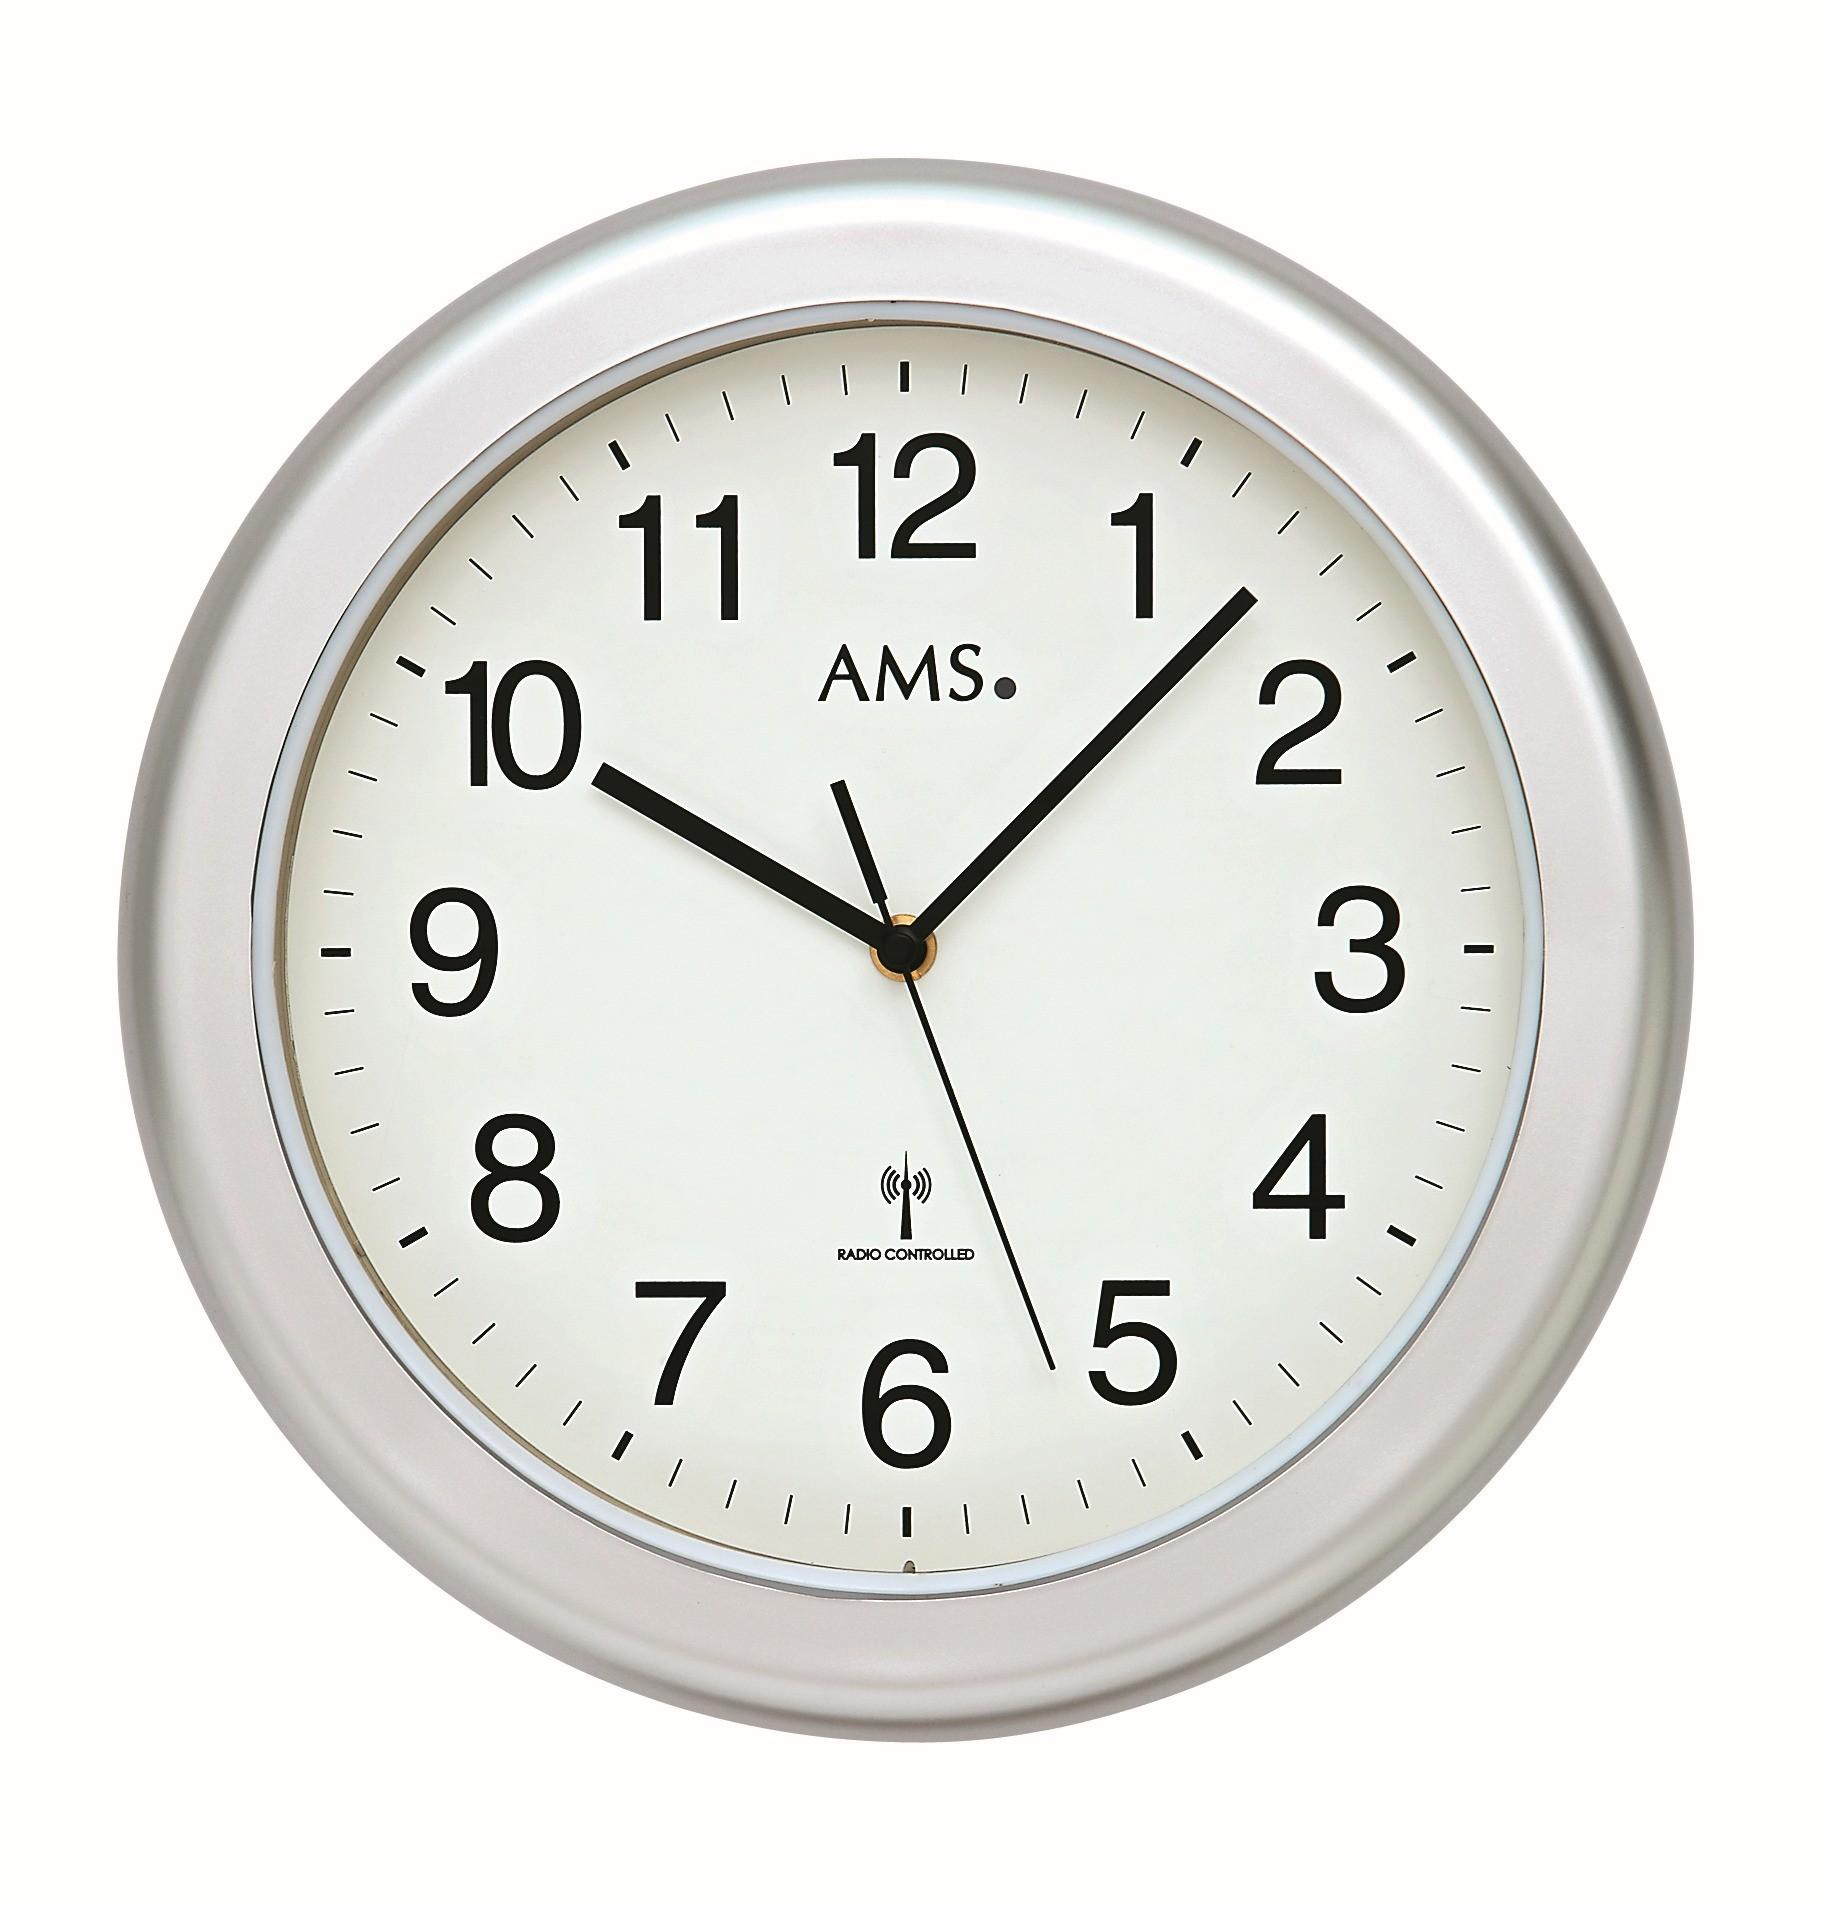 AMS 5956 Badkamerklok zender gestuurd, radiocontrolled